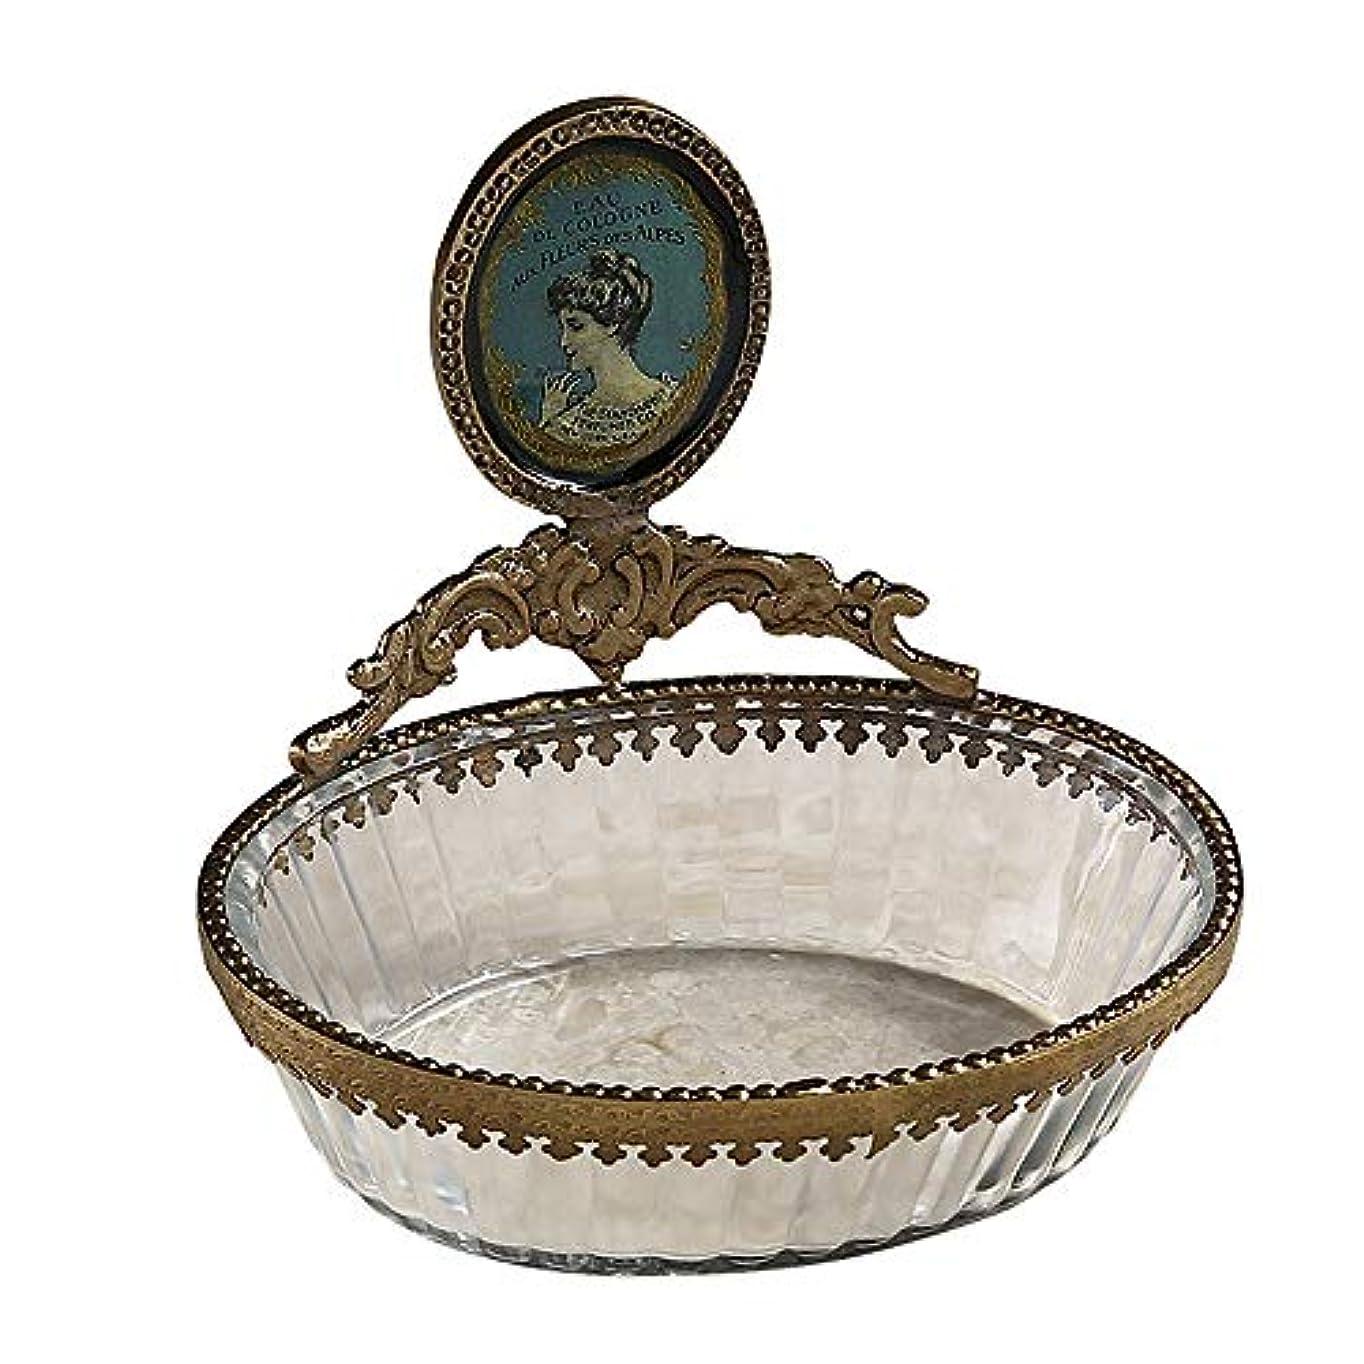 鳥重力振る舞い純銅ガラス収納トレイ、手作り、レトロ、アートエレガントなデザイン、ジュエリー収納皿、カウンタートップディスプレイ、家の装飾、結婚式のためのギフト。